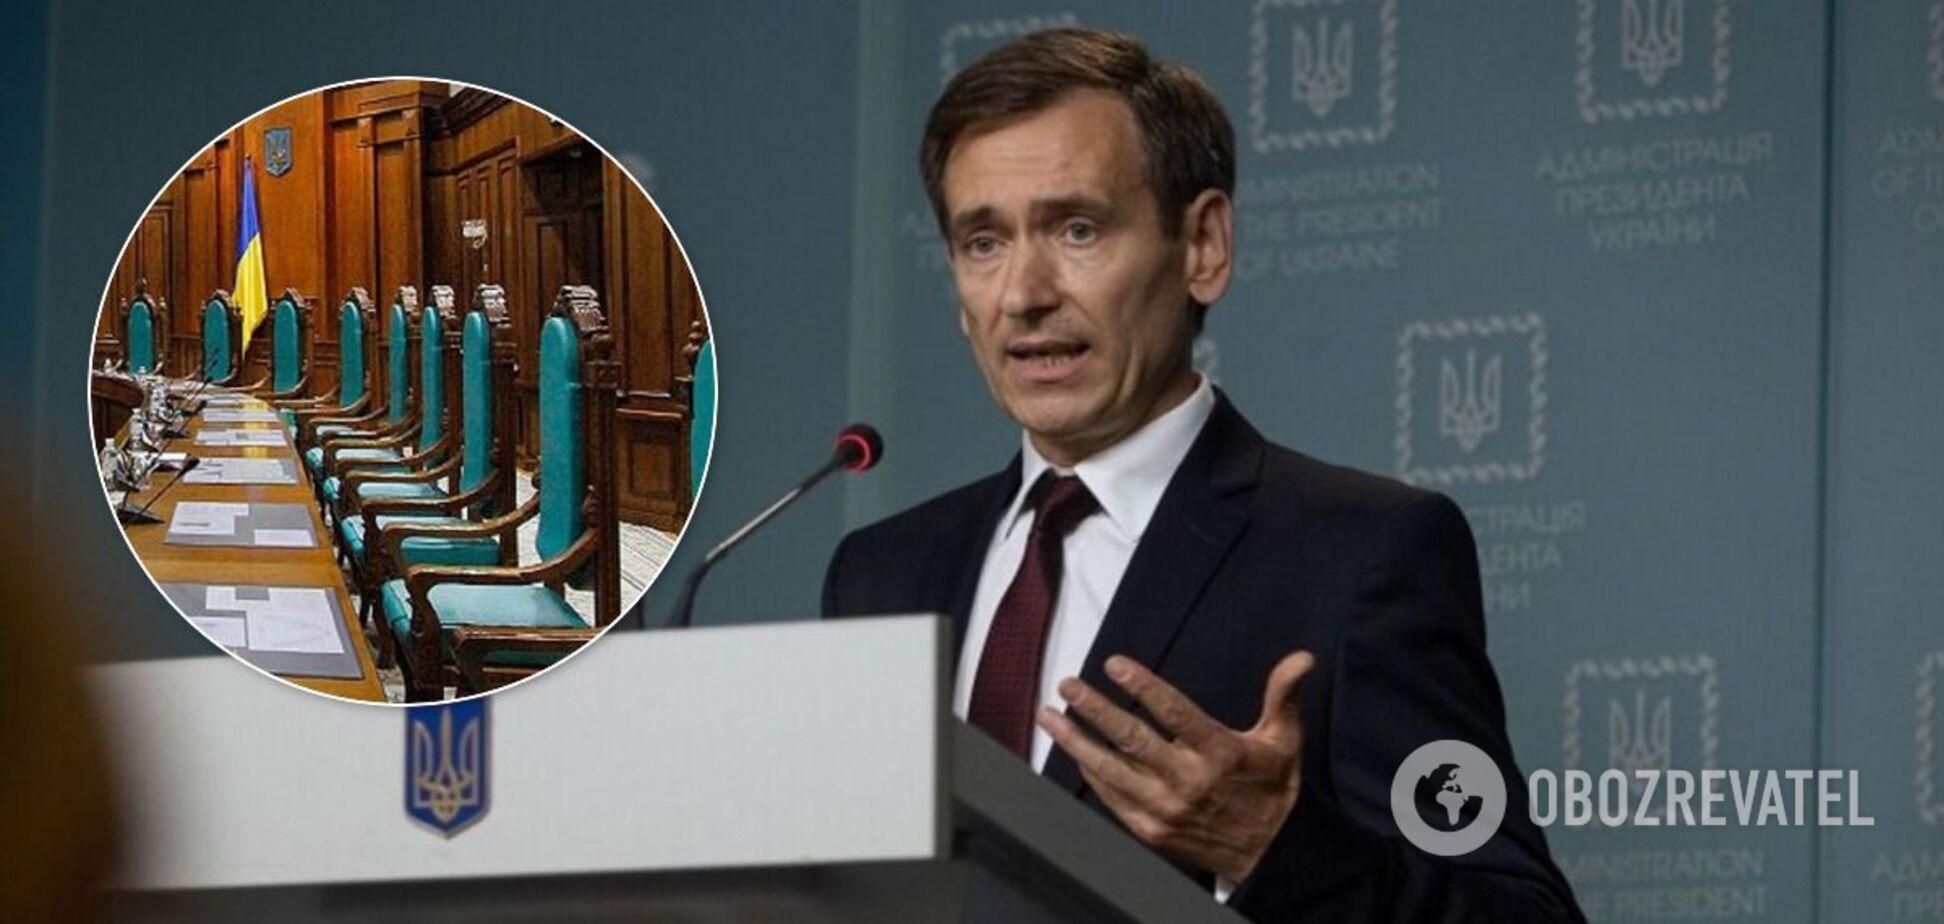 Веніславський відреагував на заяву Венеційської комісії щодо КСУ